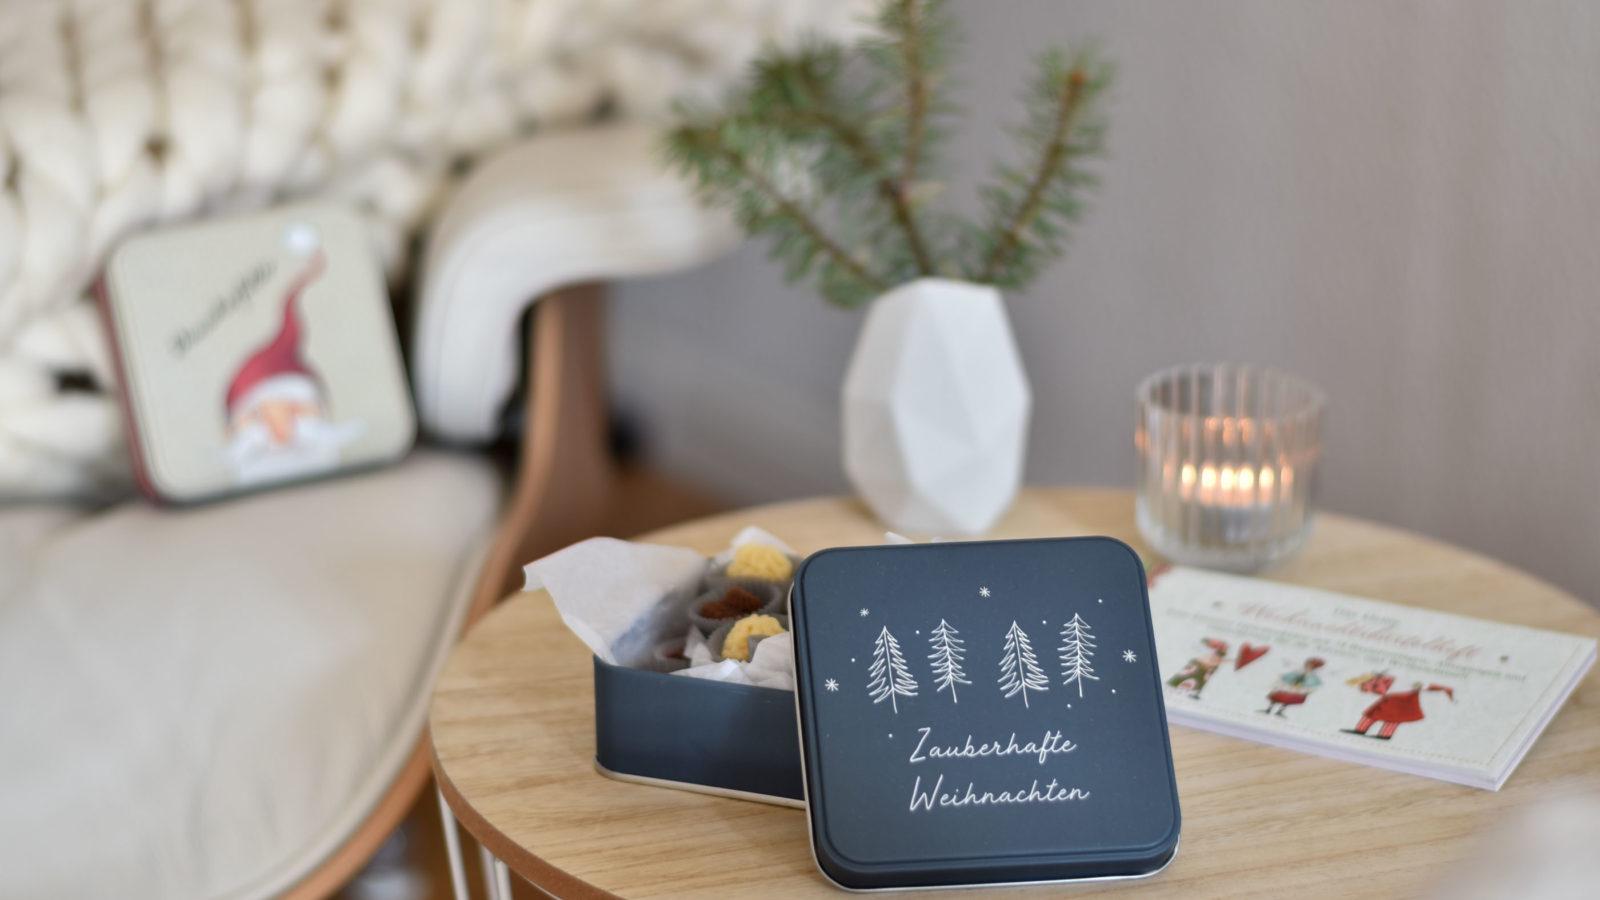 Mit Liebe schenken – Selbstgemachte Weihnachtsgeschenke